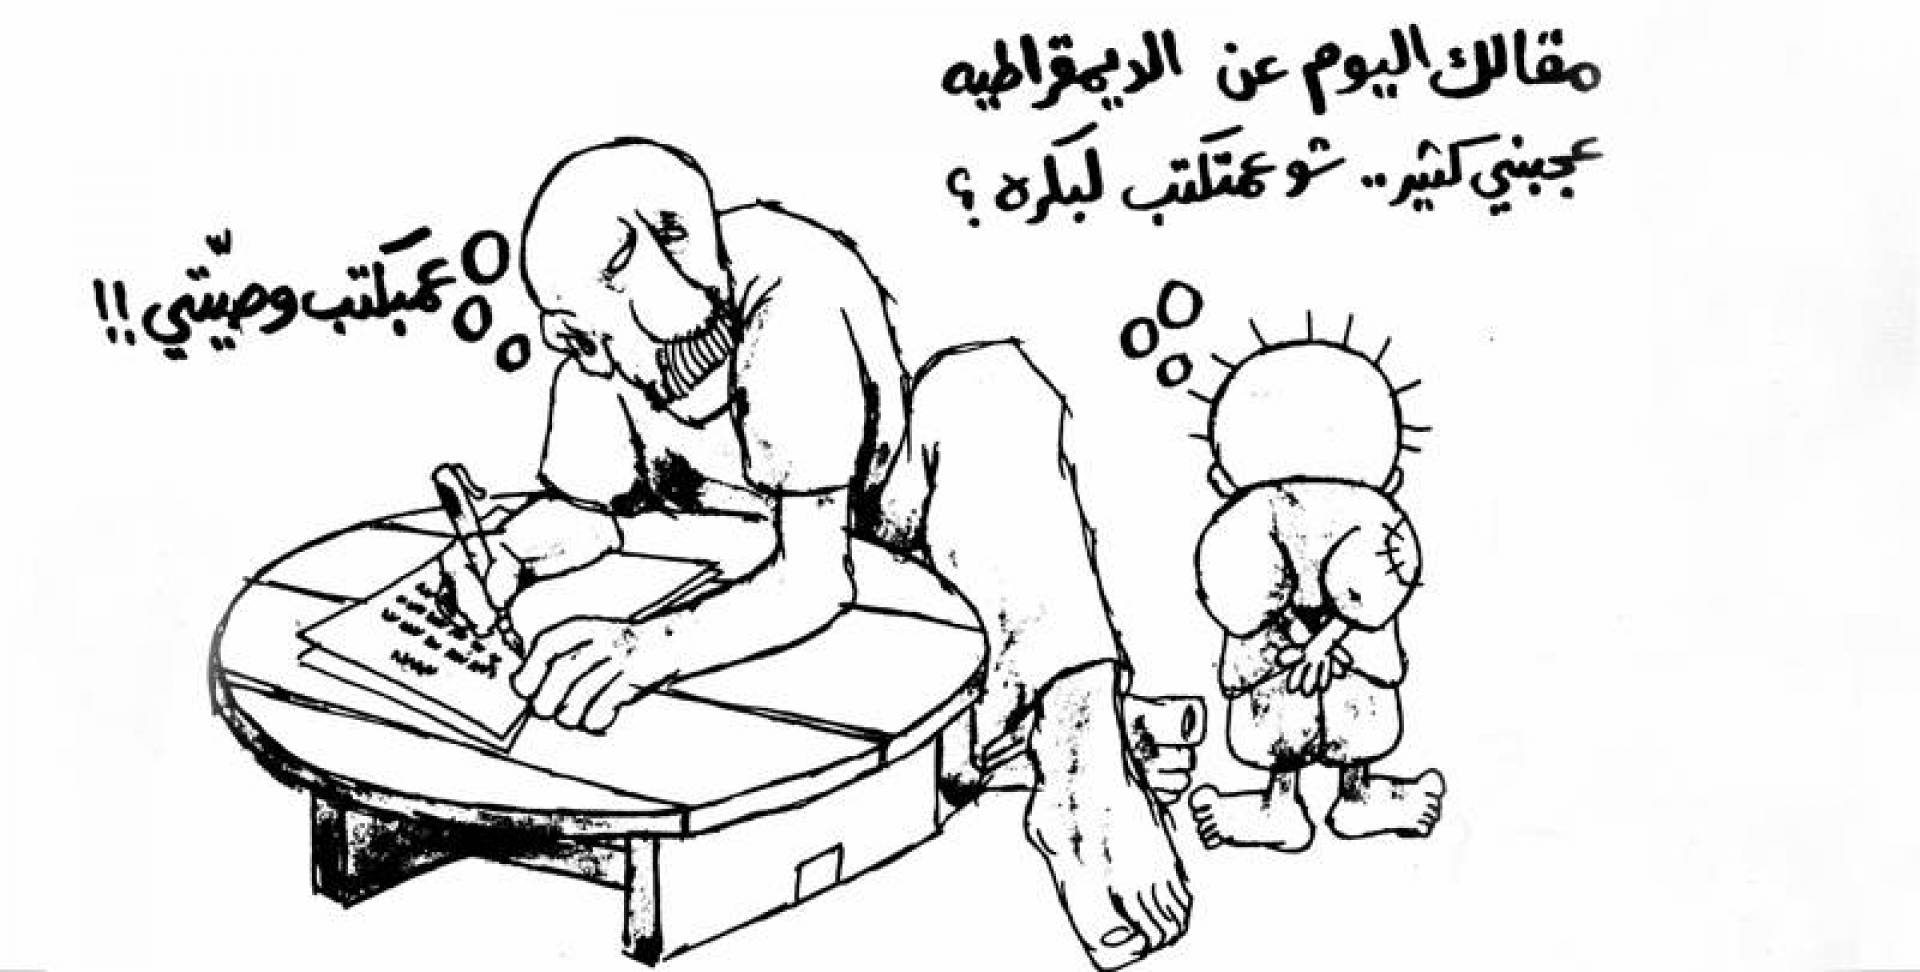 كاريكاتير ناجي العلي.. مقال عن الديمقراطية